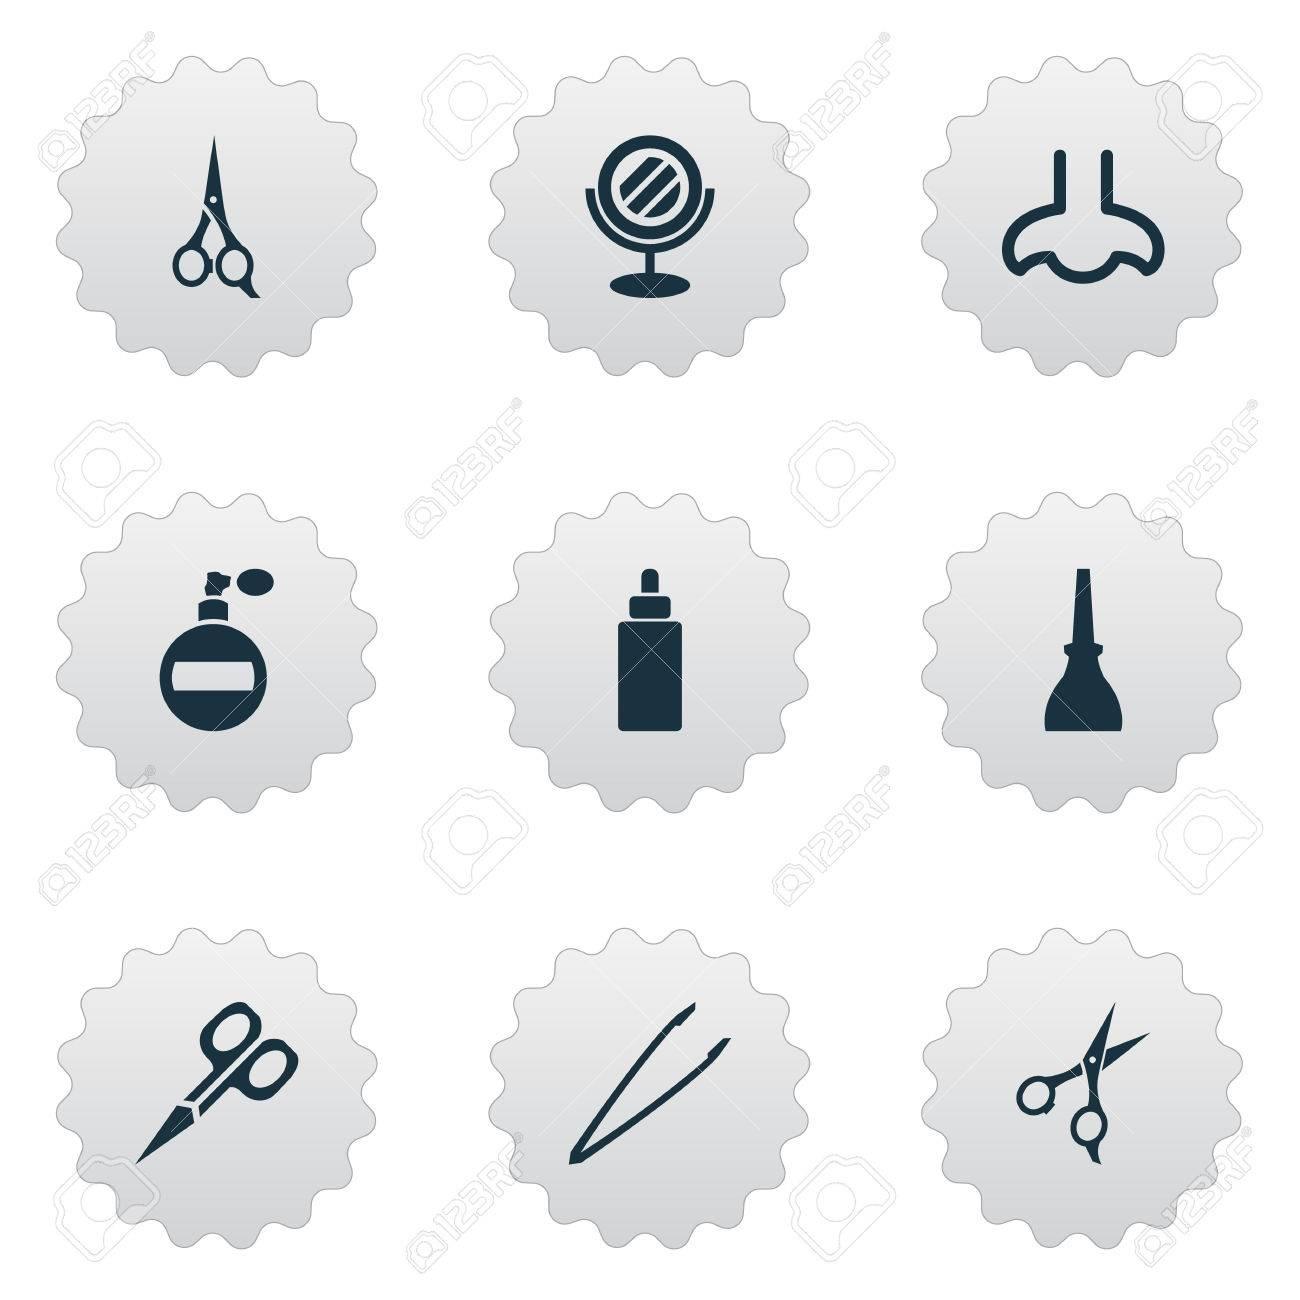 Abbildung Satz Einfache Schönheits-Ikonen. Elemente Nagellack, Duft ...